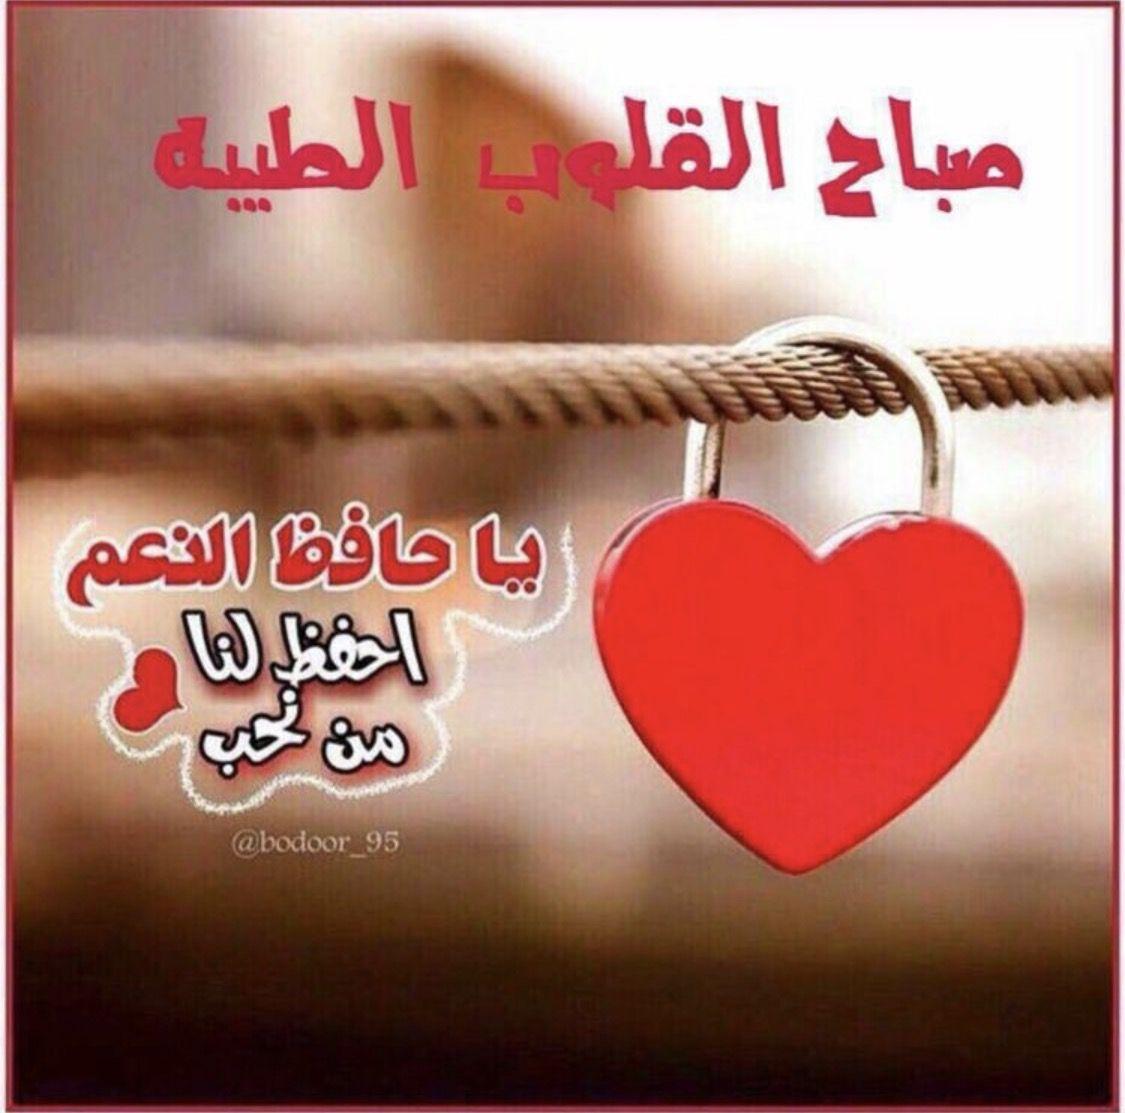 بالصور صباح الخير للحبيب بالصور , صباحيات بين الاحبه 2738 7